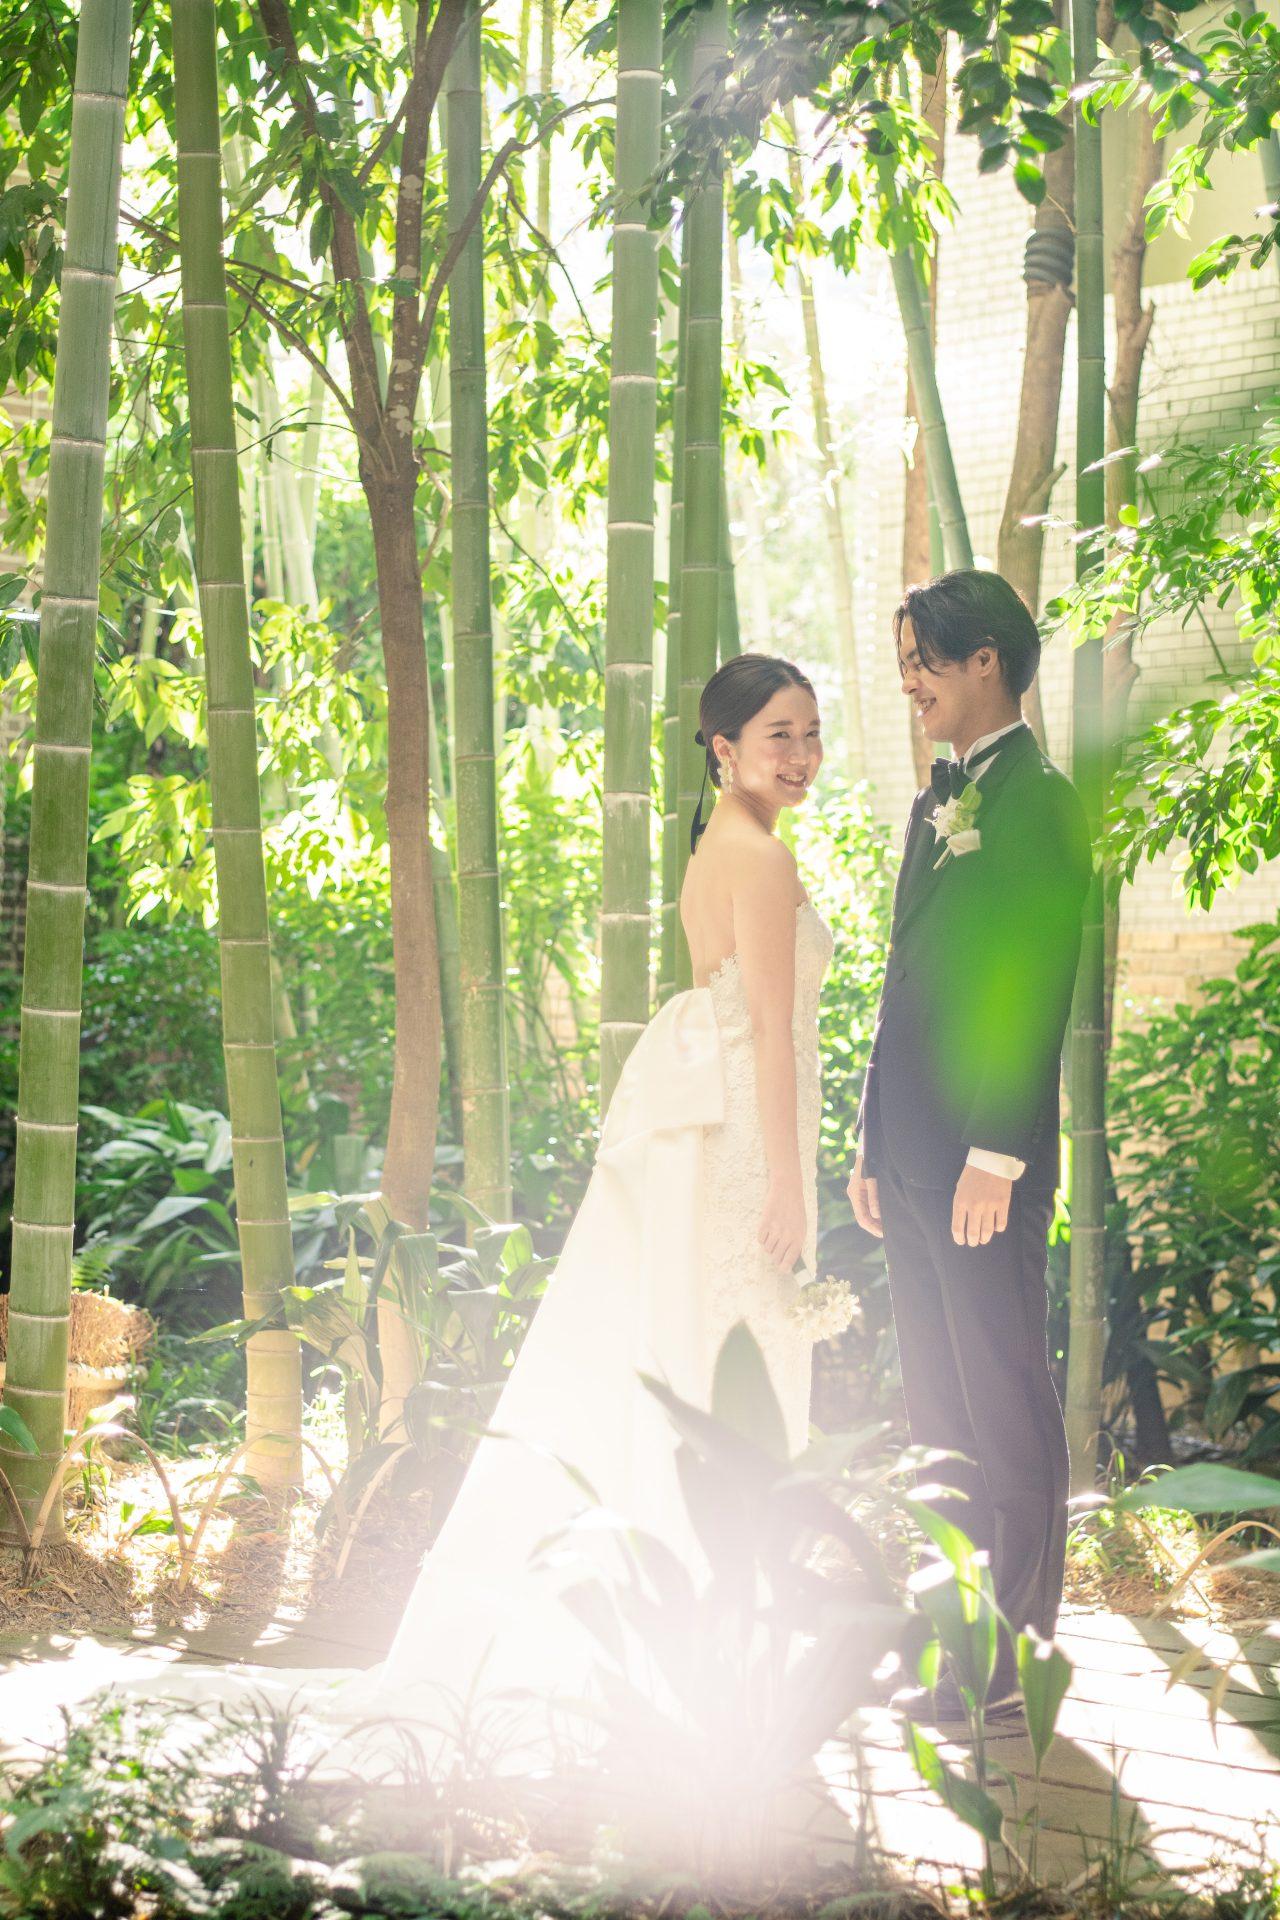 京都エリアでご結婚式をお考えのプレ花嫁様におすすめしたい竹林の中庭に映えるスレンダーラインのウェディングドレス